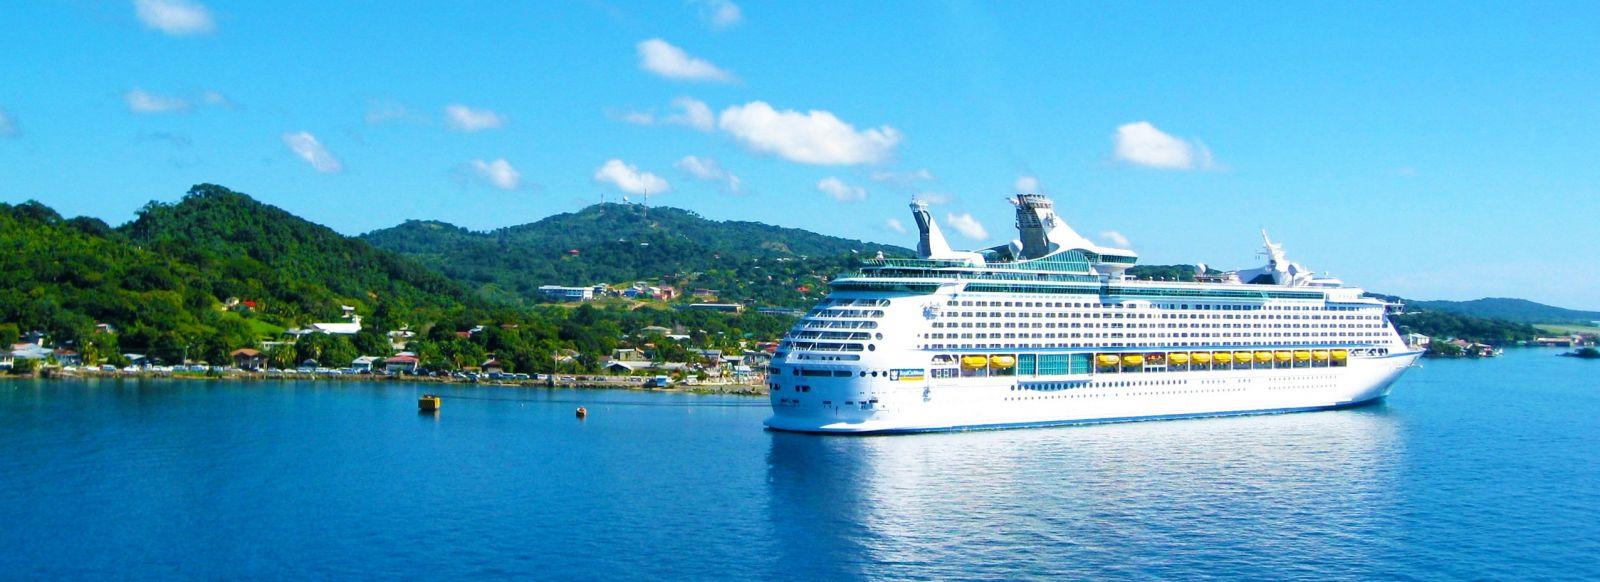 Caribbean Cruise Hawaii Detlandcom - Cruises from hawaii